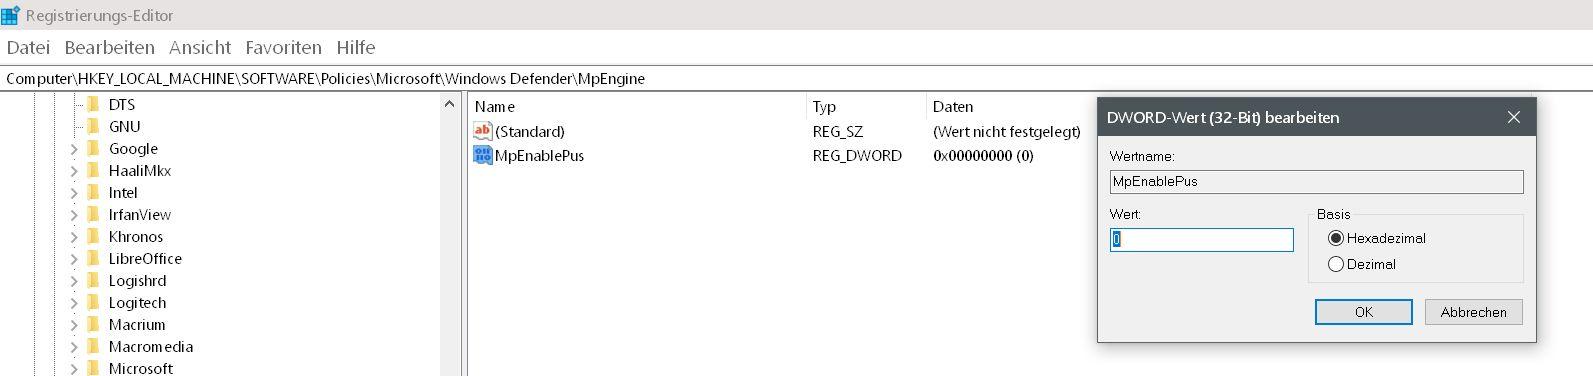 alter wert 2 - Windows Defender auch mit Malware-Schutz